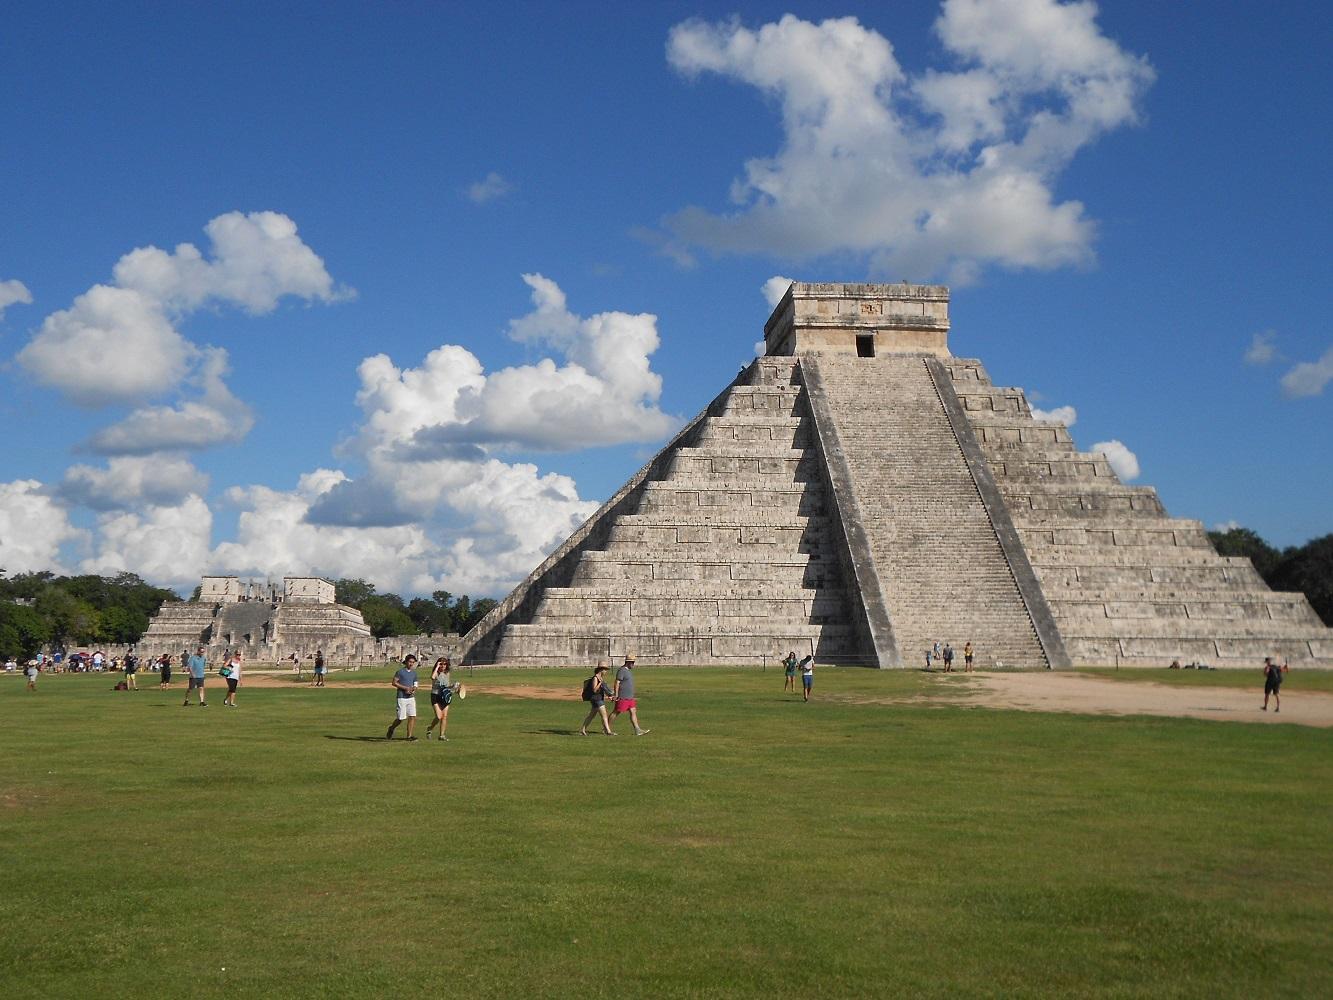 Mein Schiff Landausflug zur Hauptpyramide von Chichén Itzá - Mexiko